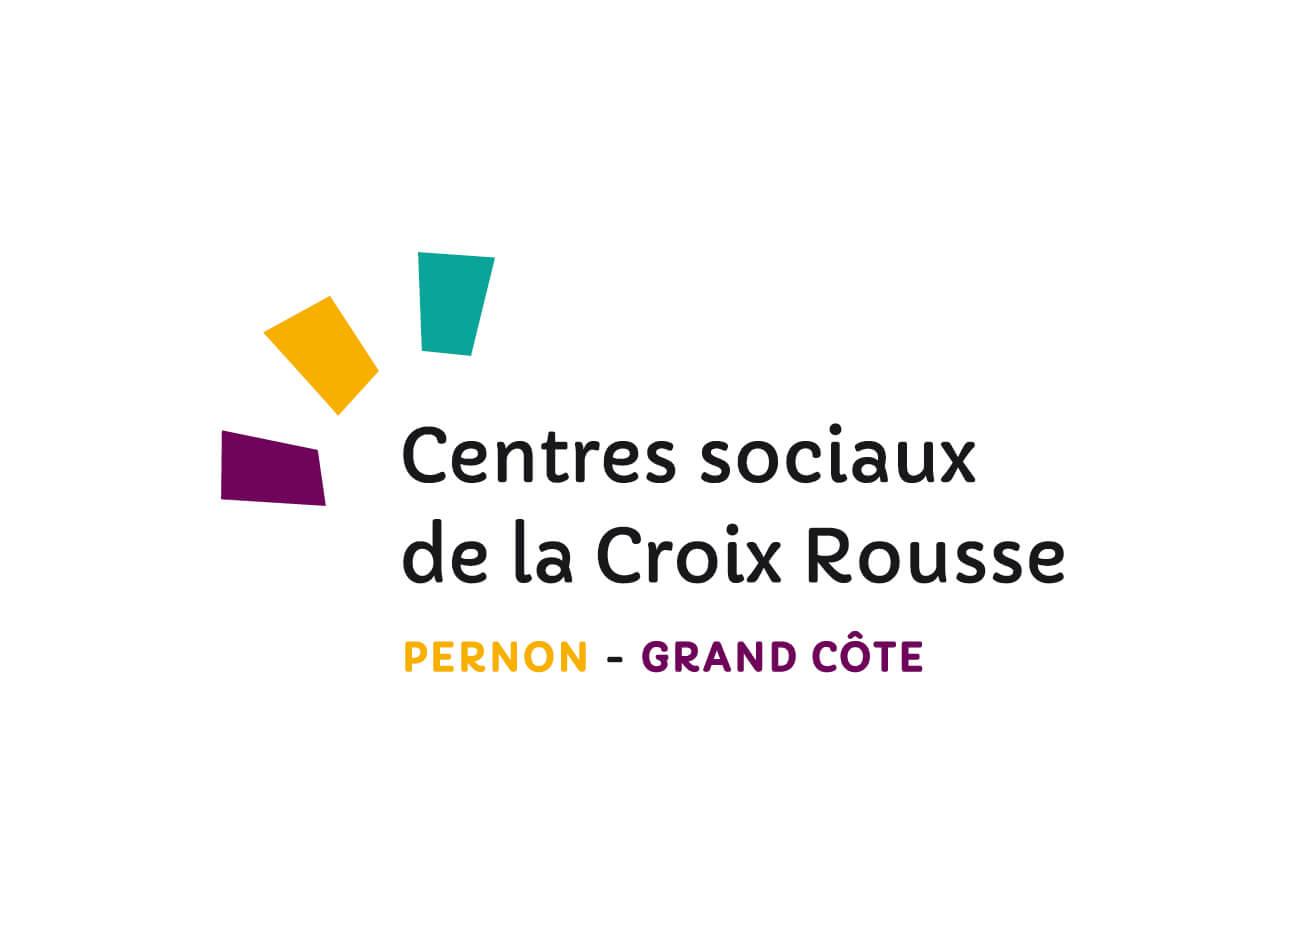 Centre sociaux de la Croix Rousse